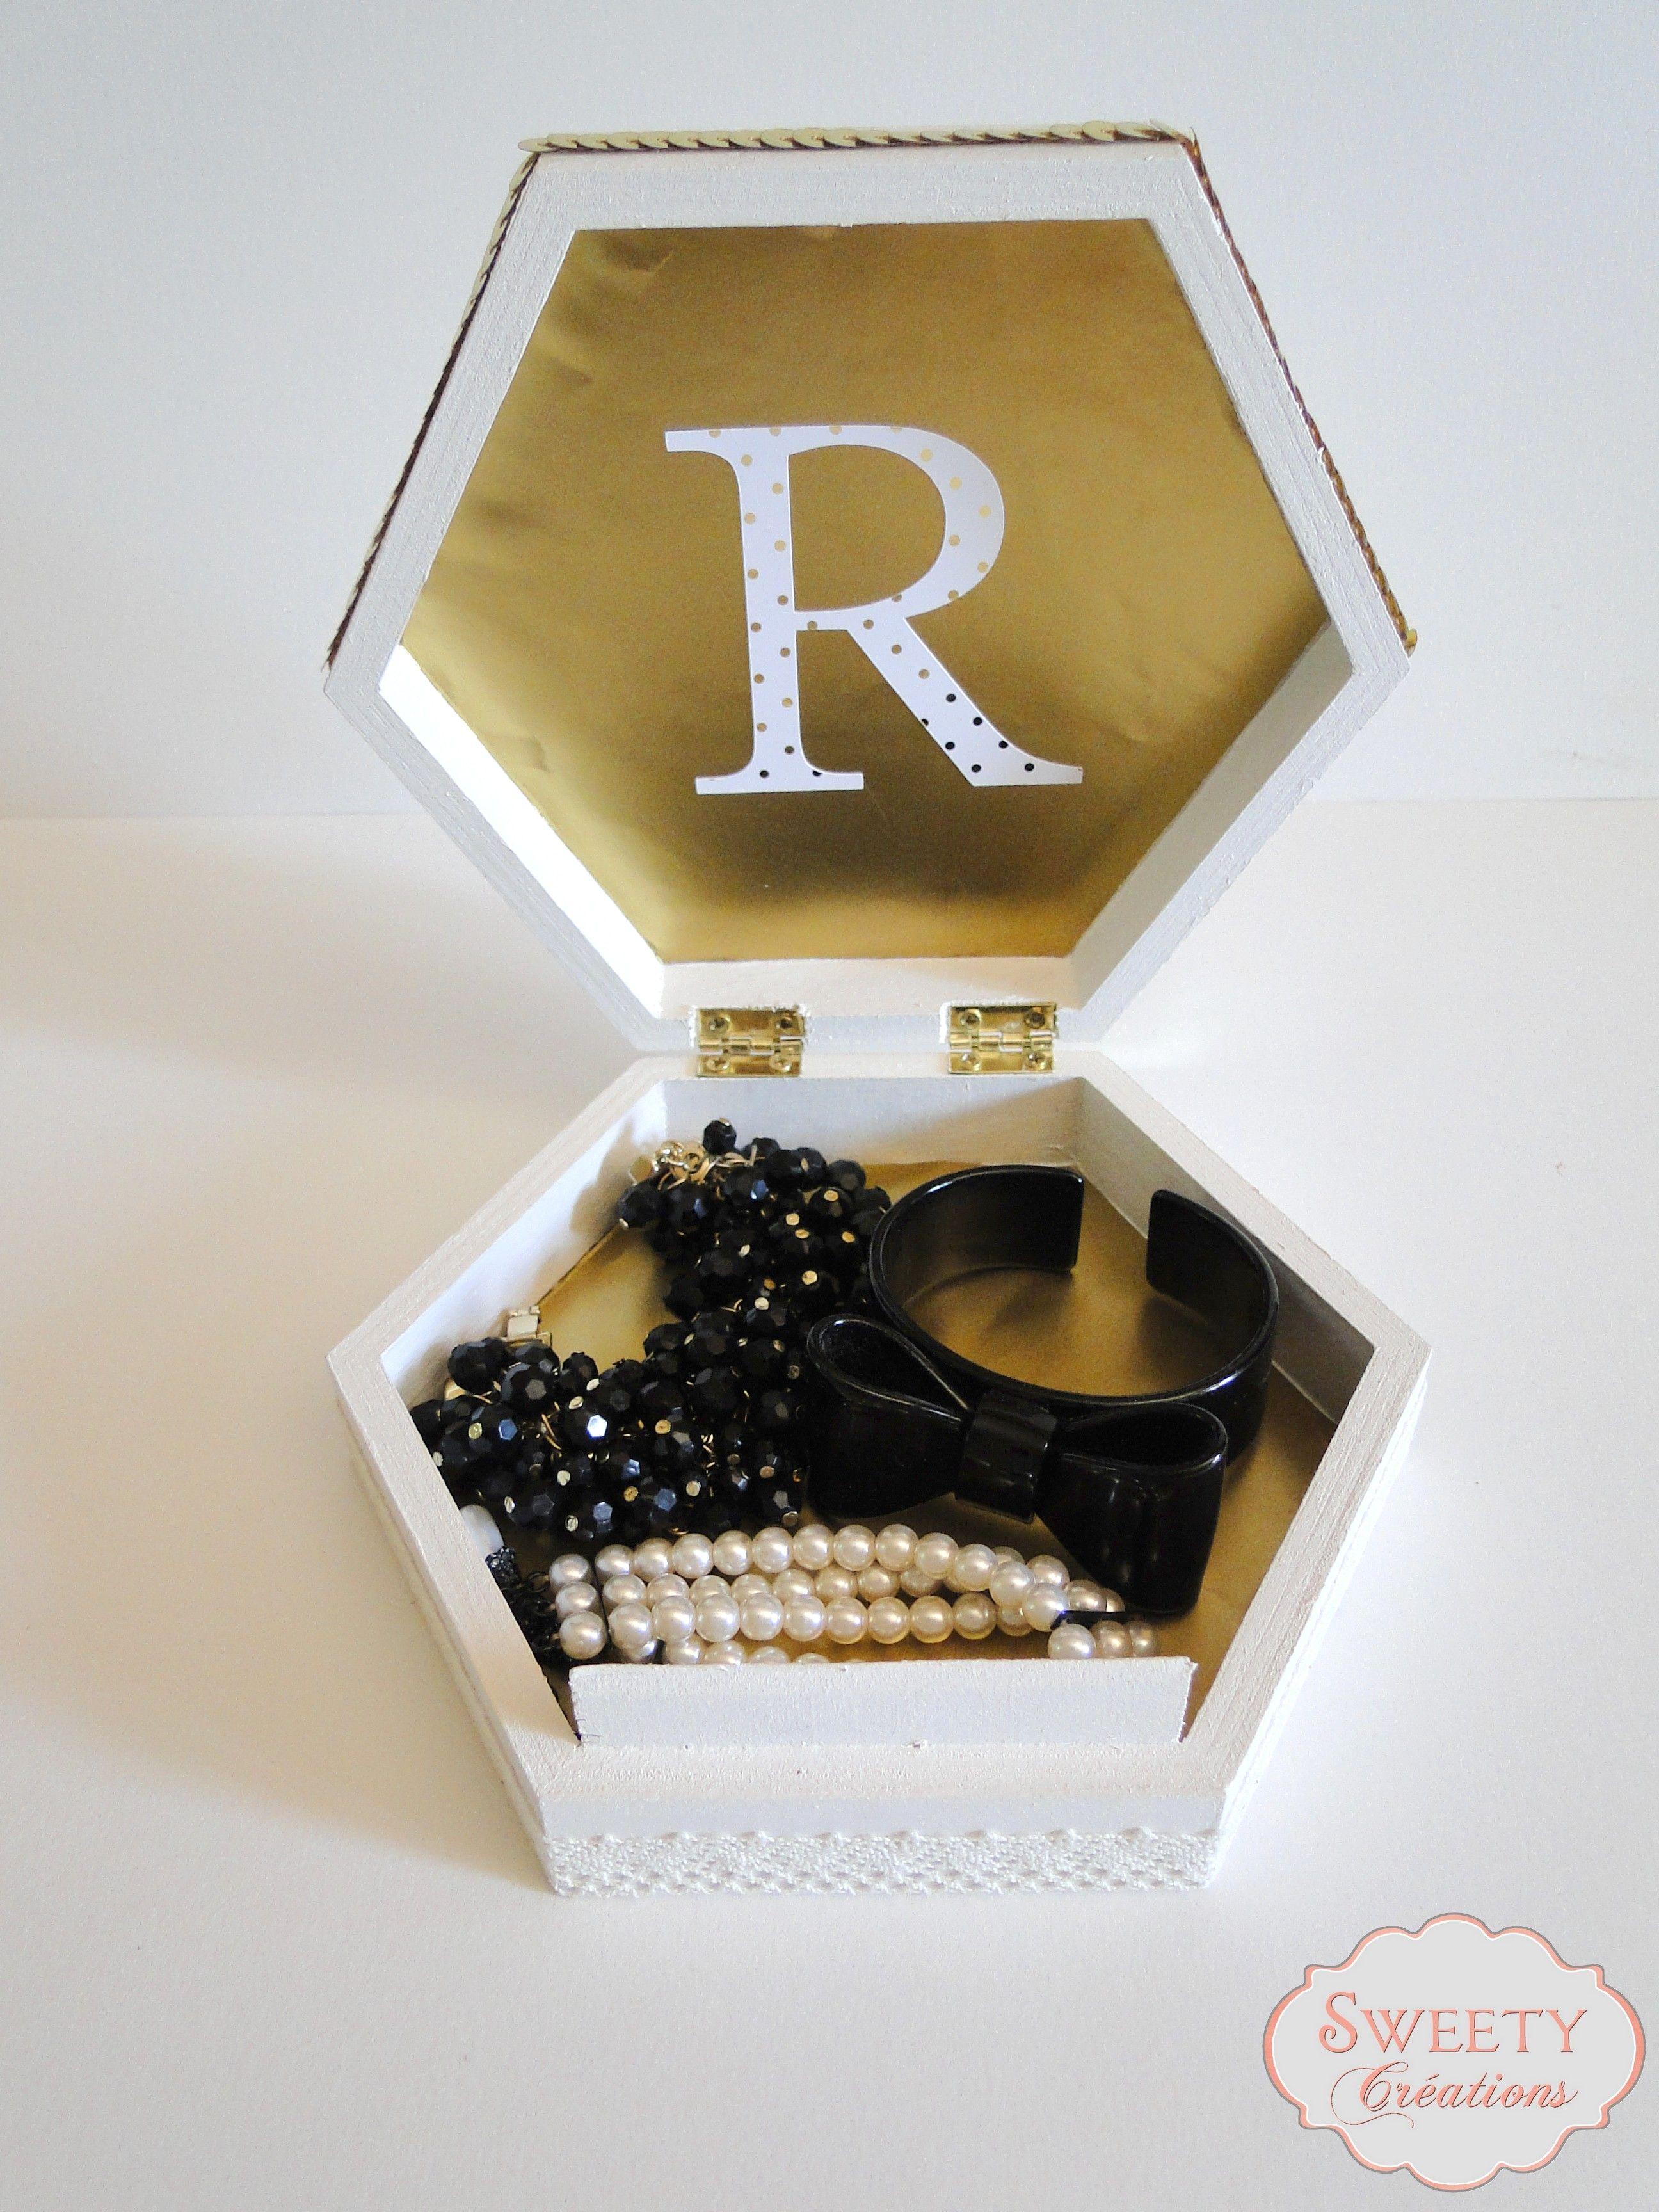 Boite à bijoux ecru et doré Jewels box cream and gold  #jewelbox #boitebijou #cadeau #gift #whitegold #doré #lace #dentelle #sequin